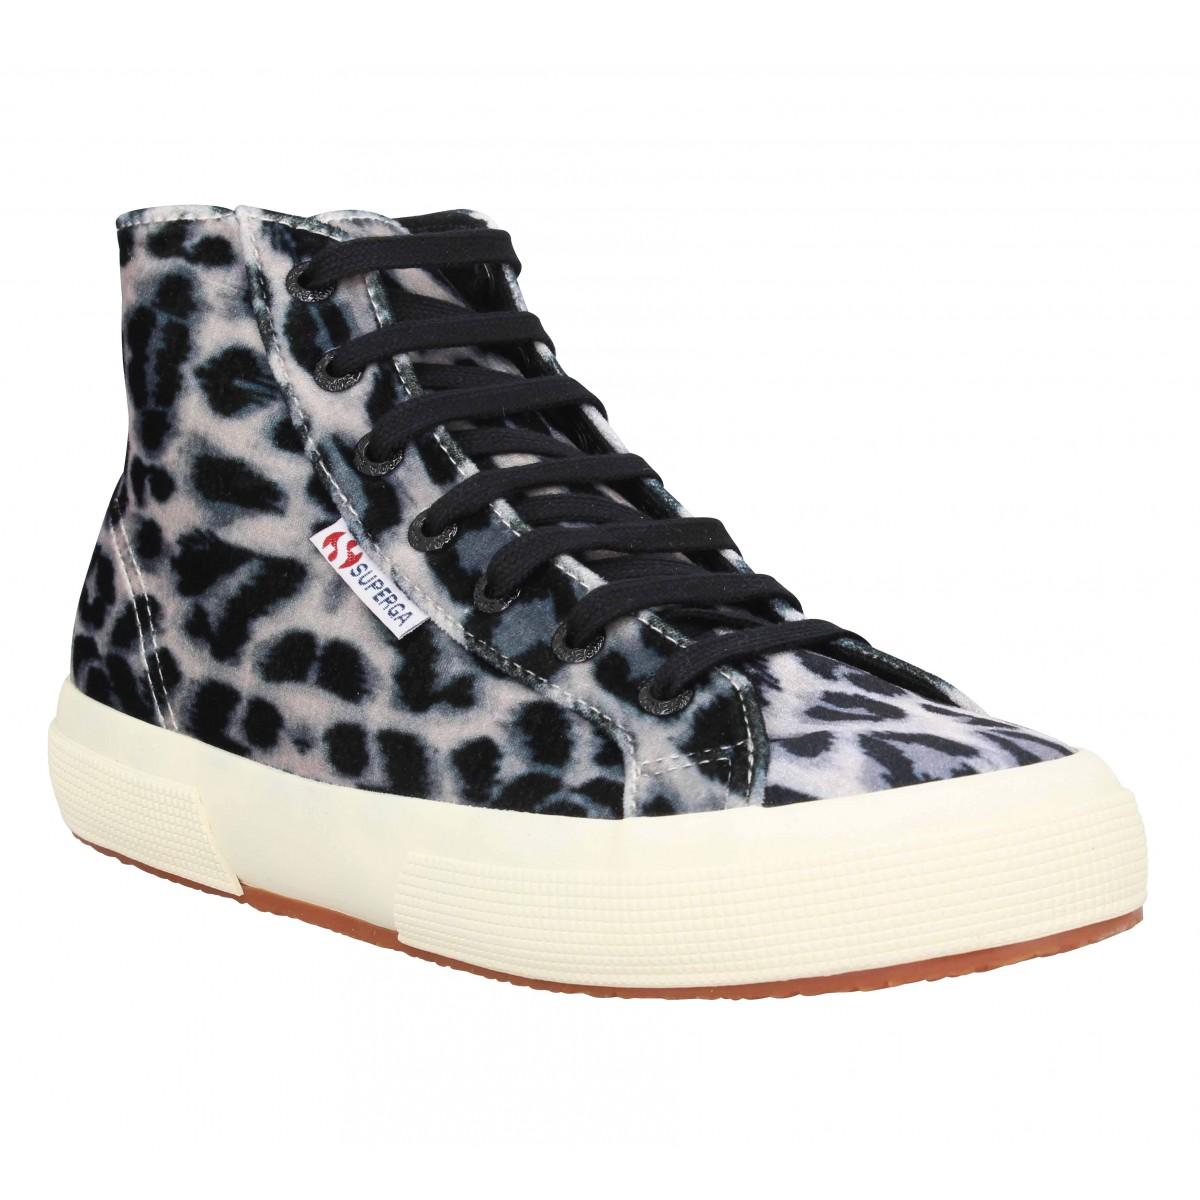 Baskets SUPERGA 2795 velvet leopard Femme Marron